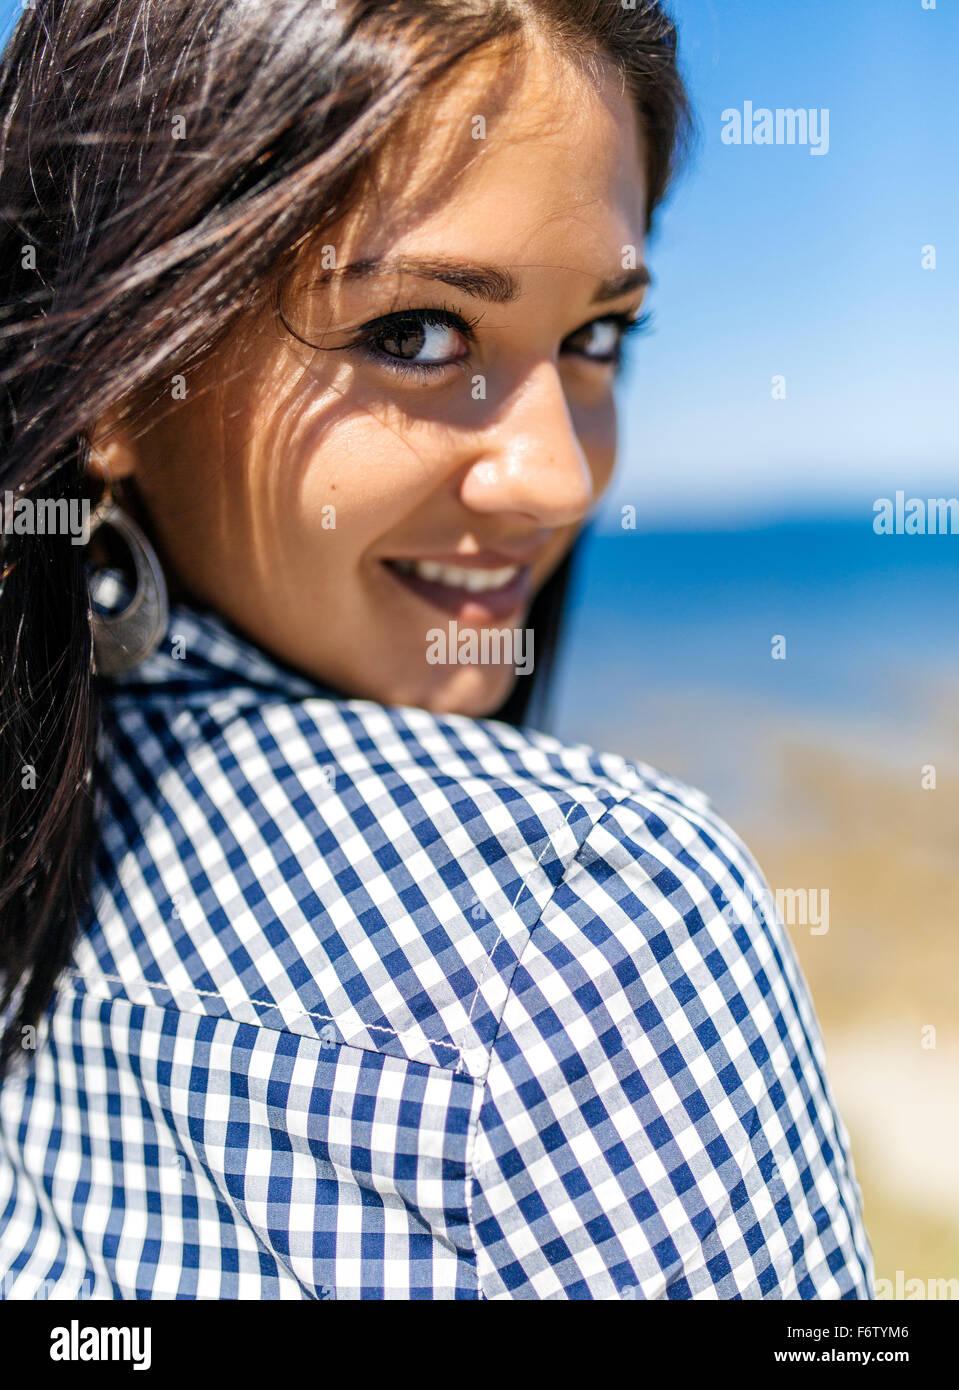 Ritratto di un attraente ragazza adolescente Immagini Stock